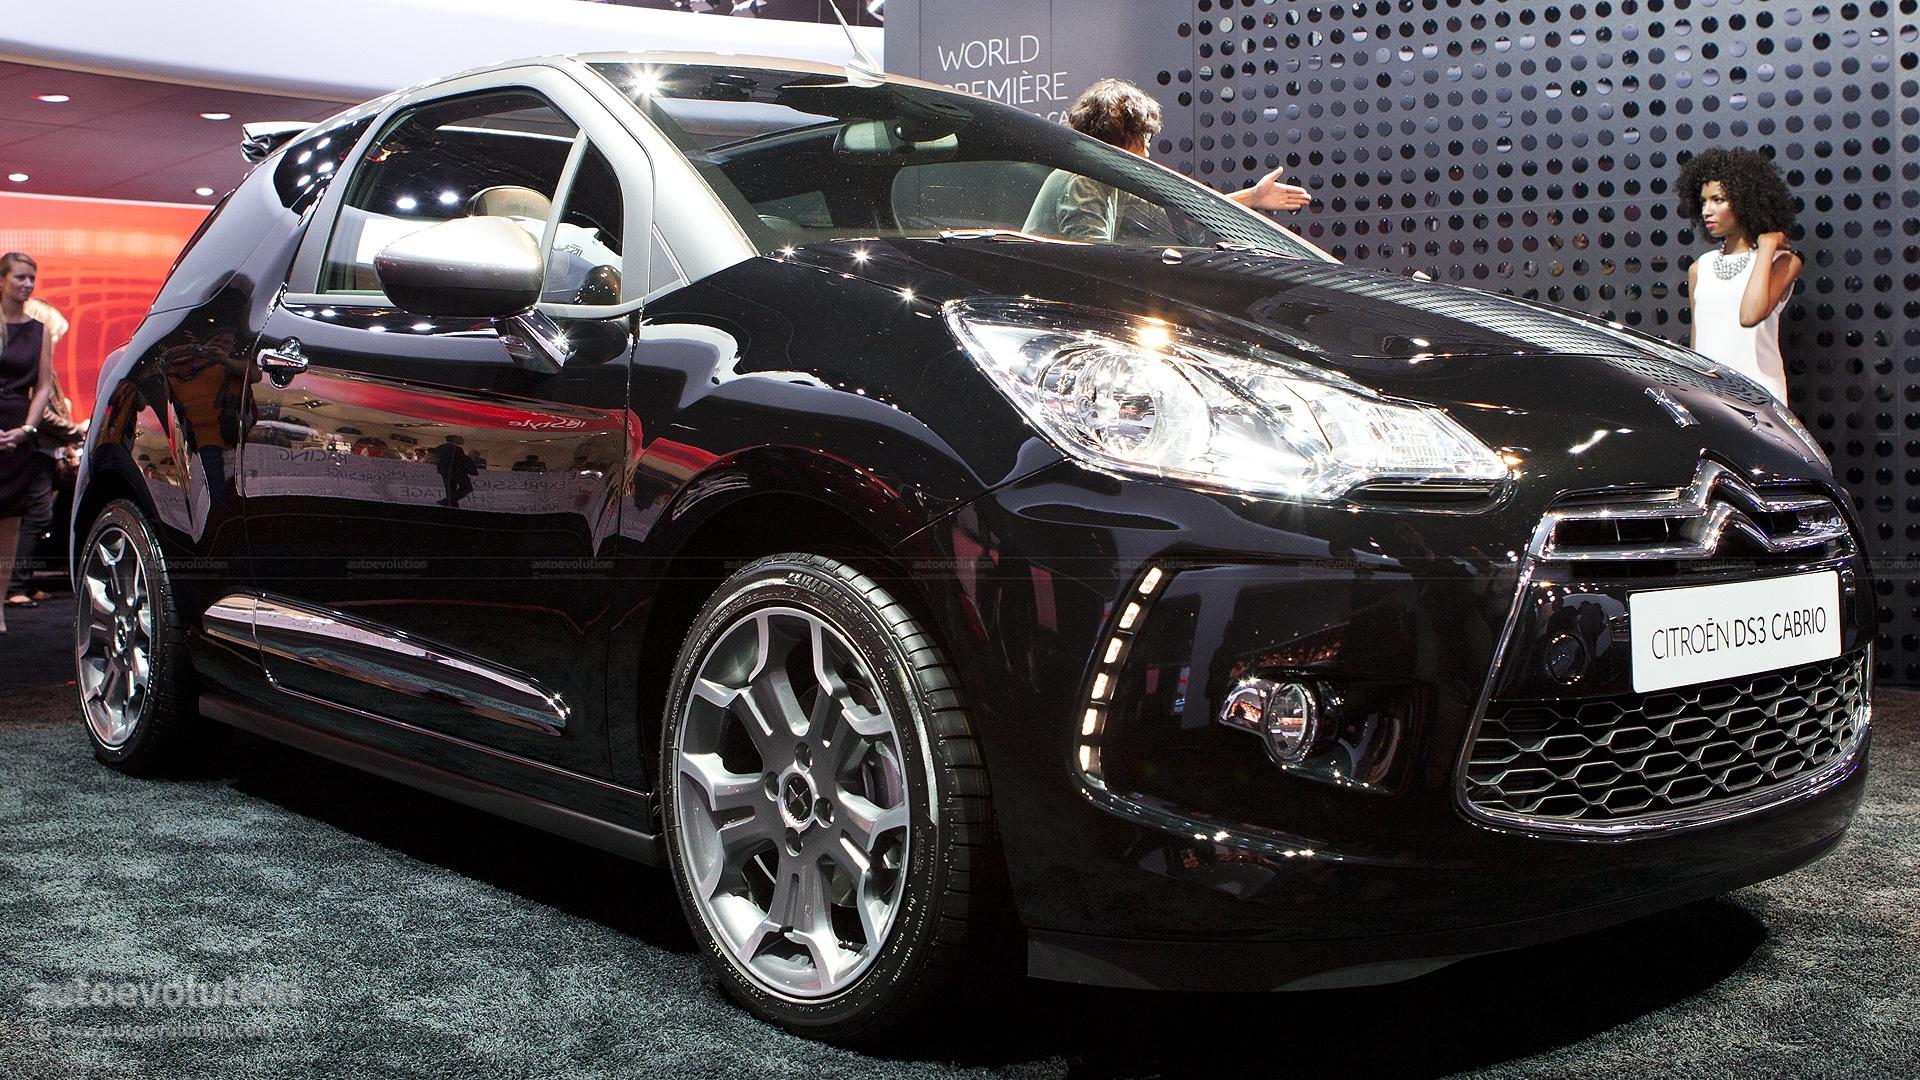 Paris 2012: Citroen DS3 Cabrio